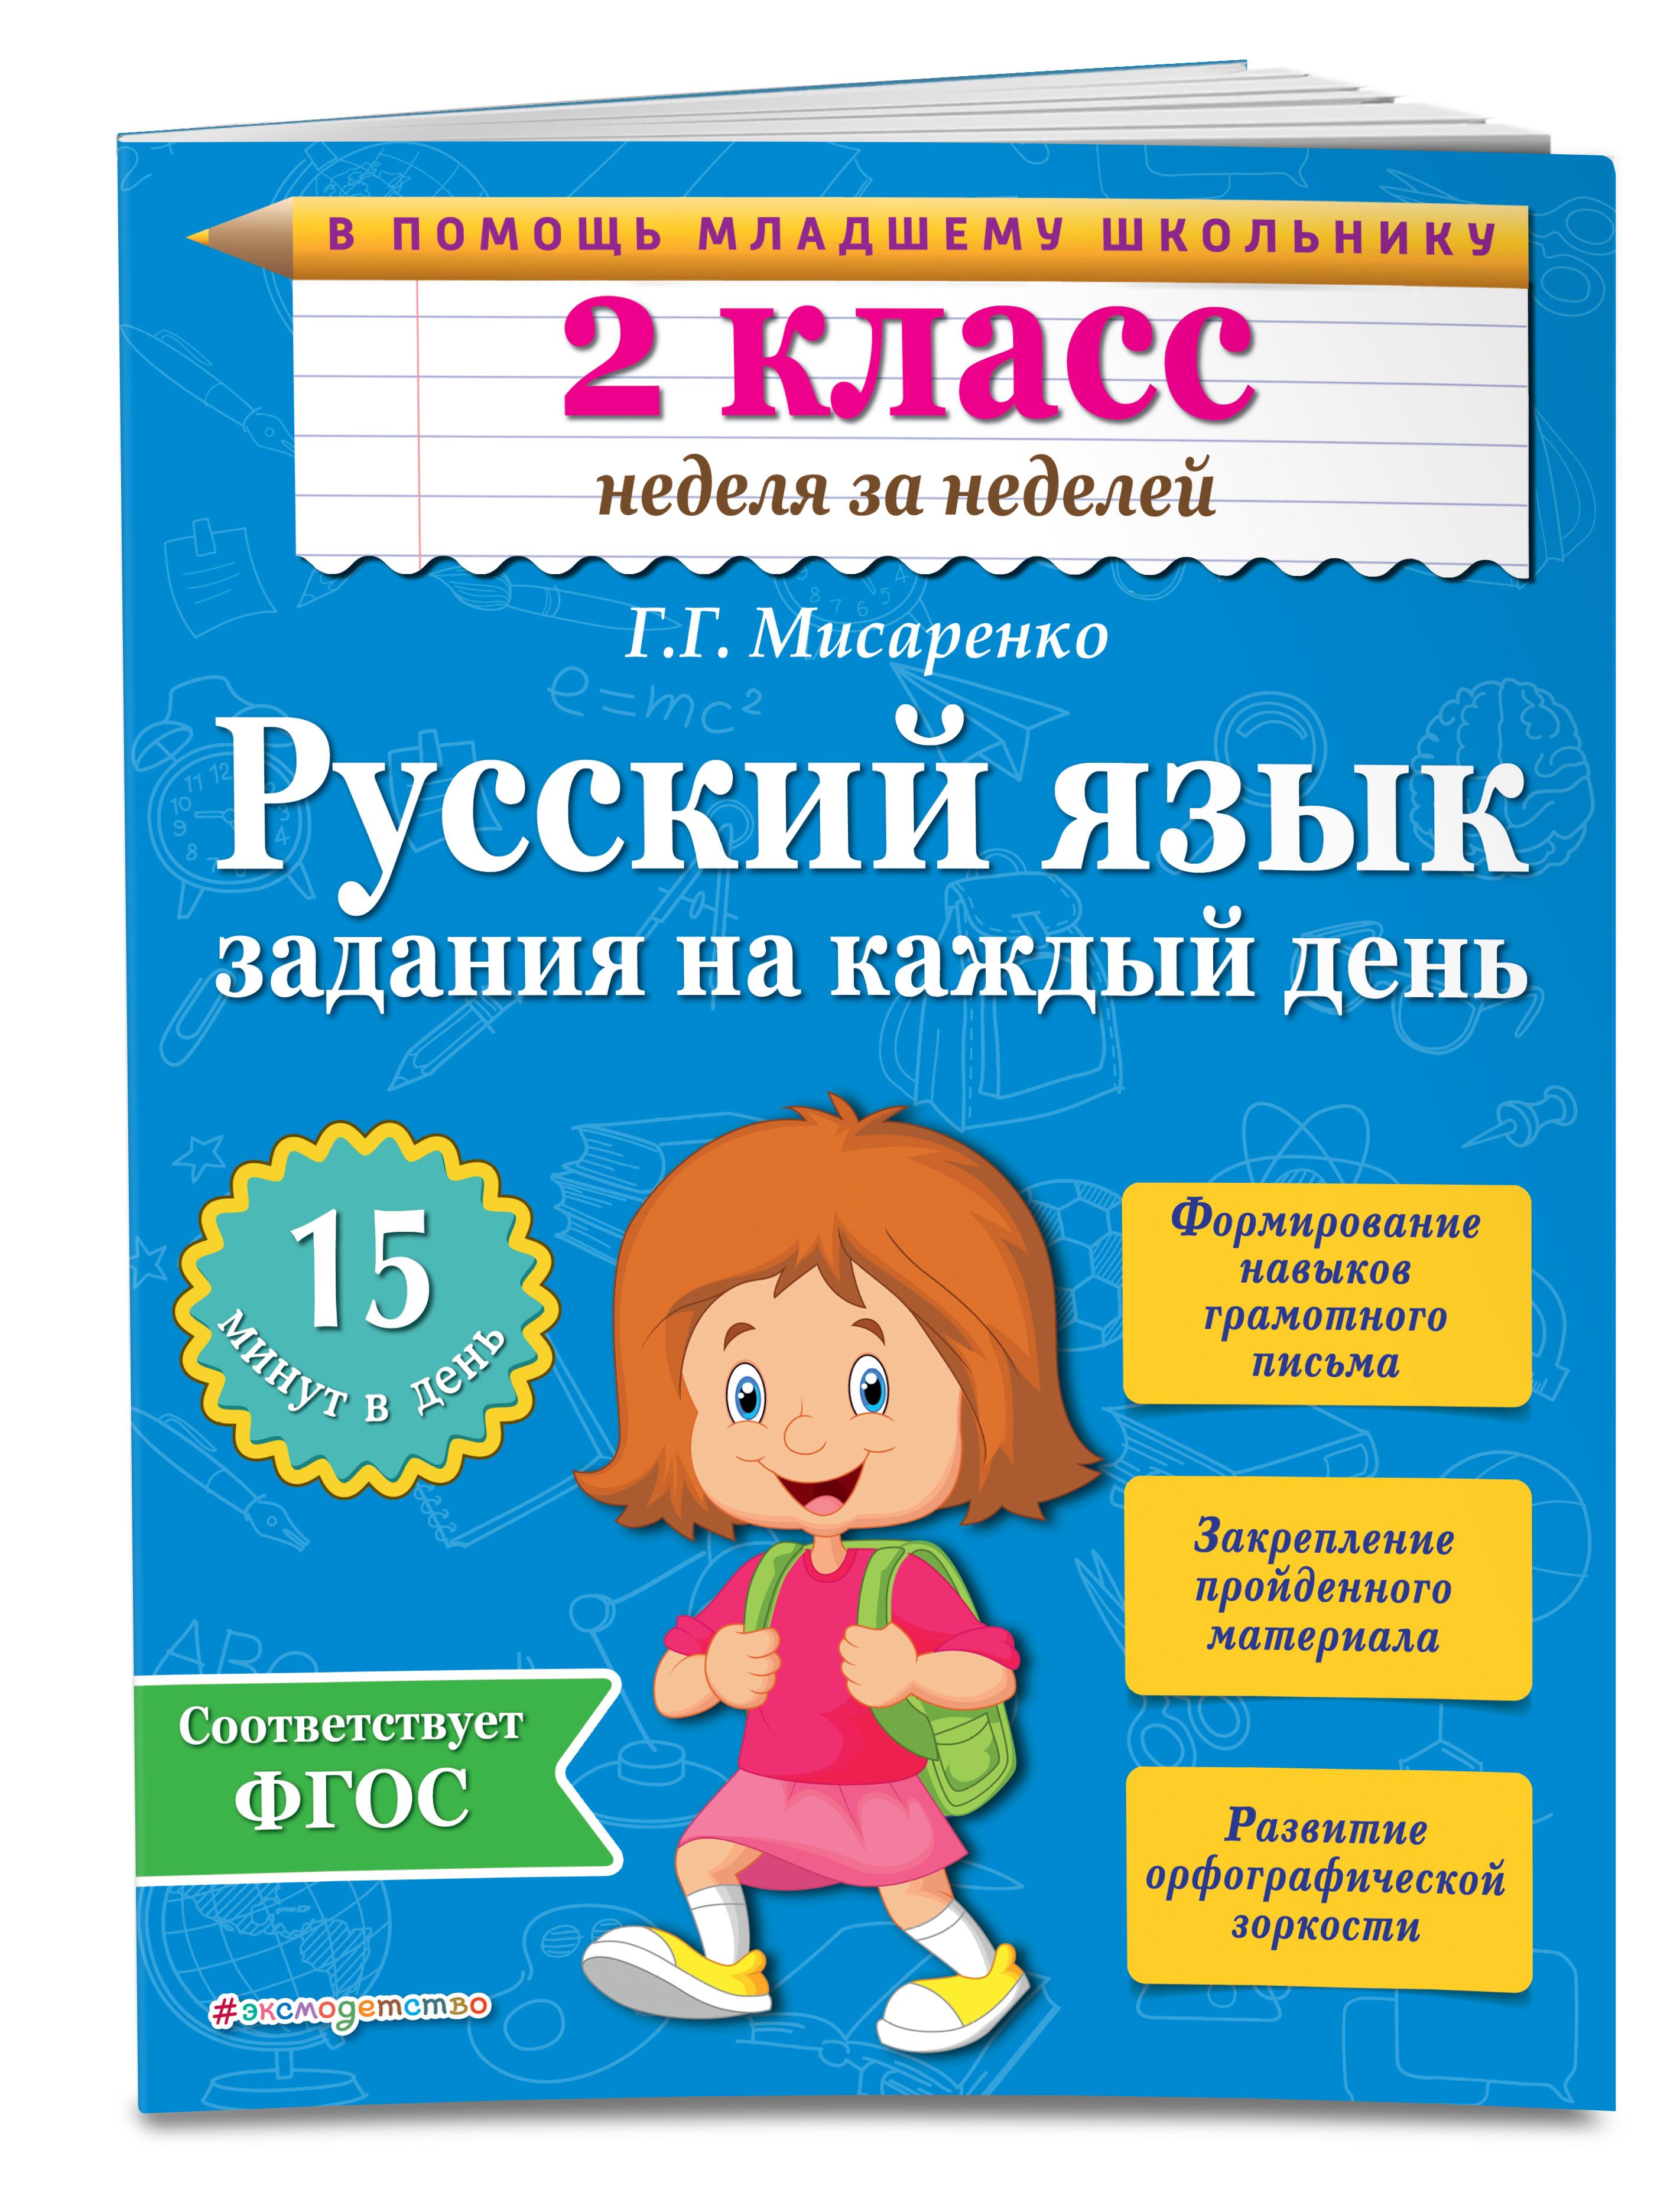 Русский язык. 2 класс. Задания на каждый день